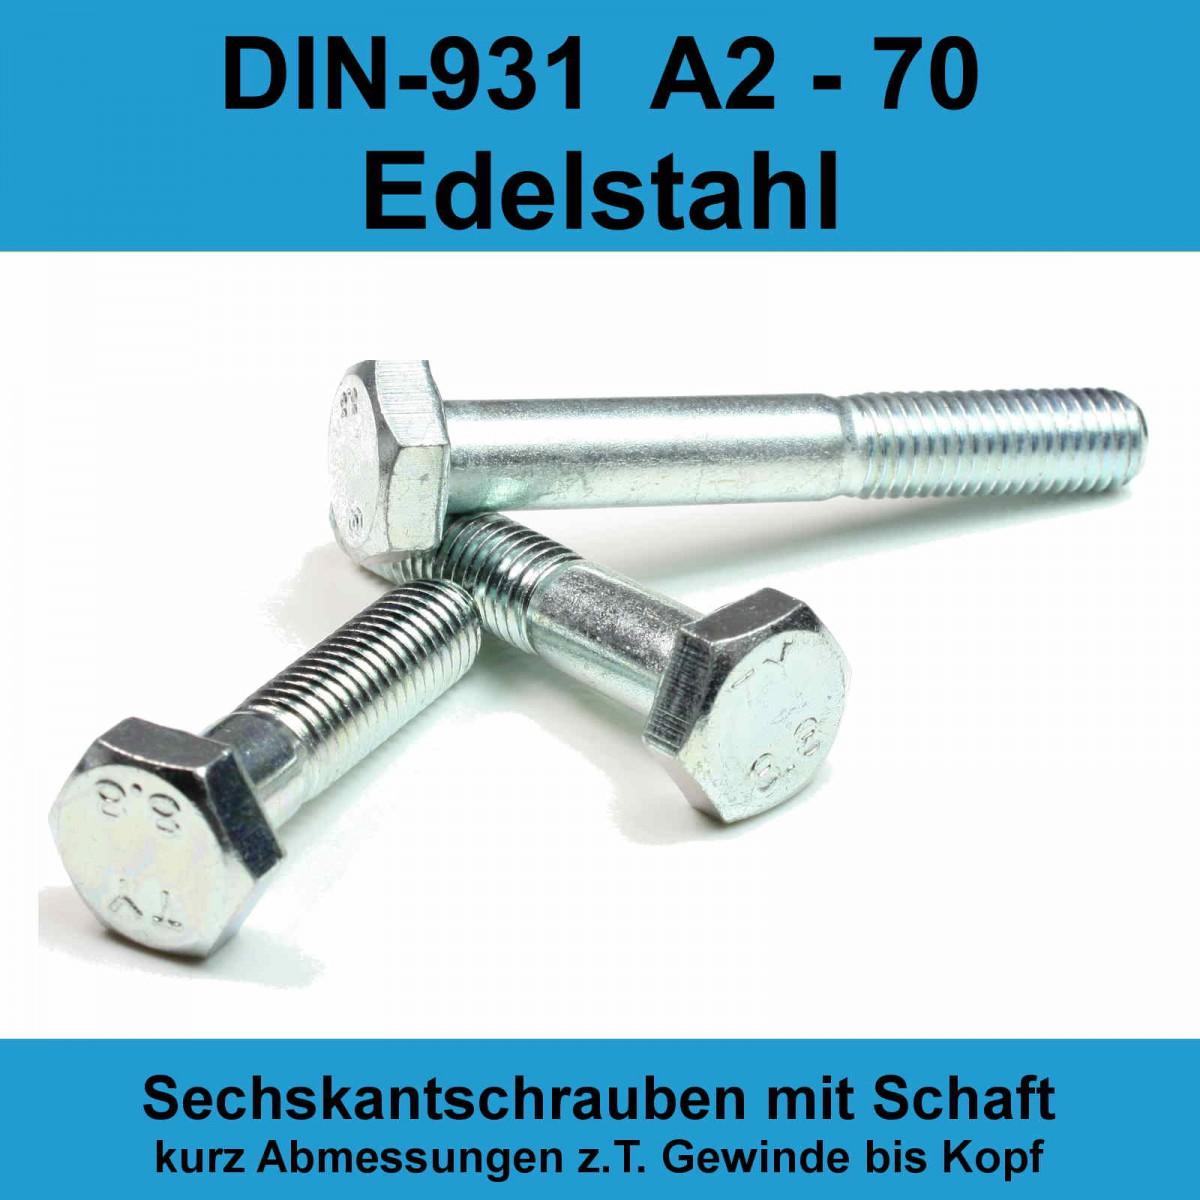 1 Edelstahl V2A Sechskantschrauben DIN 931 A2-70 M14x140